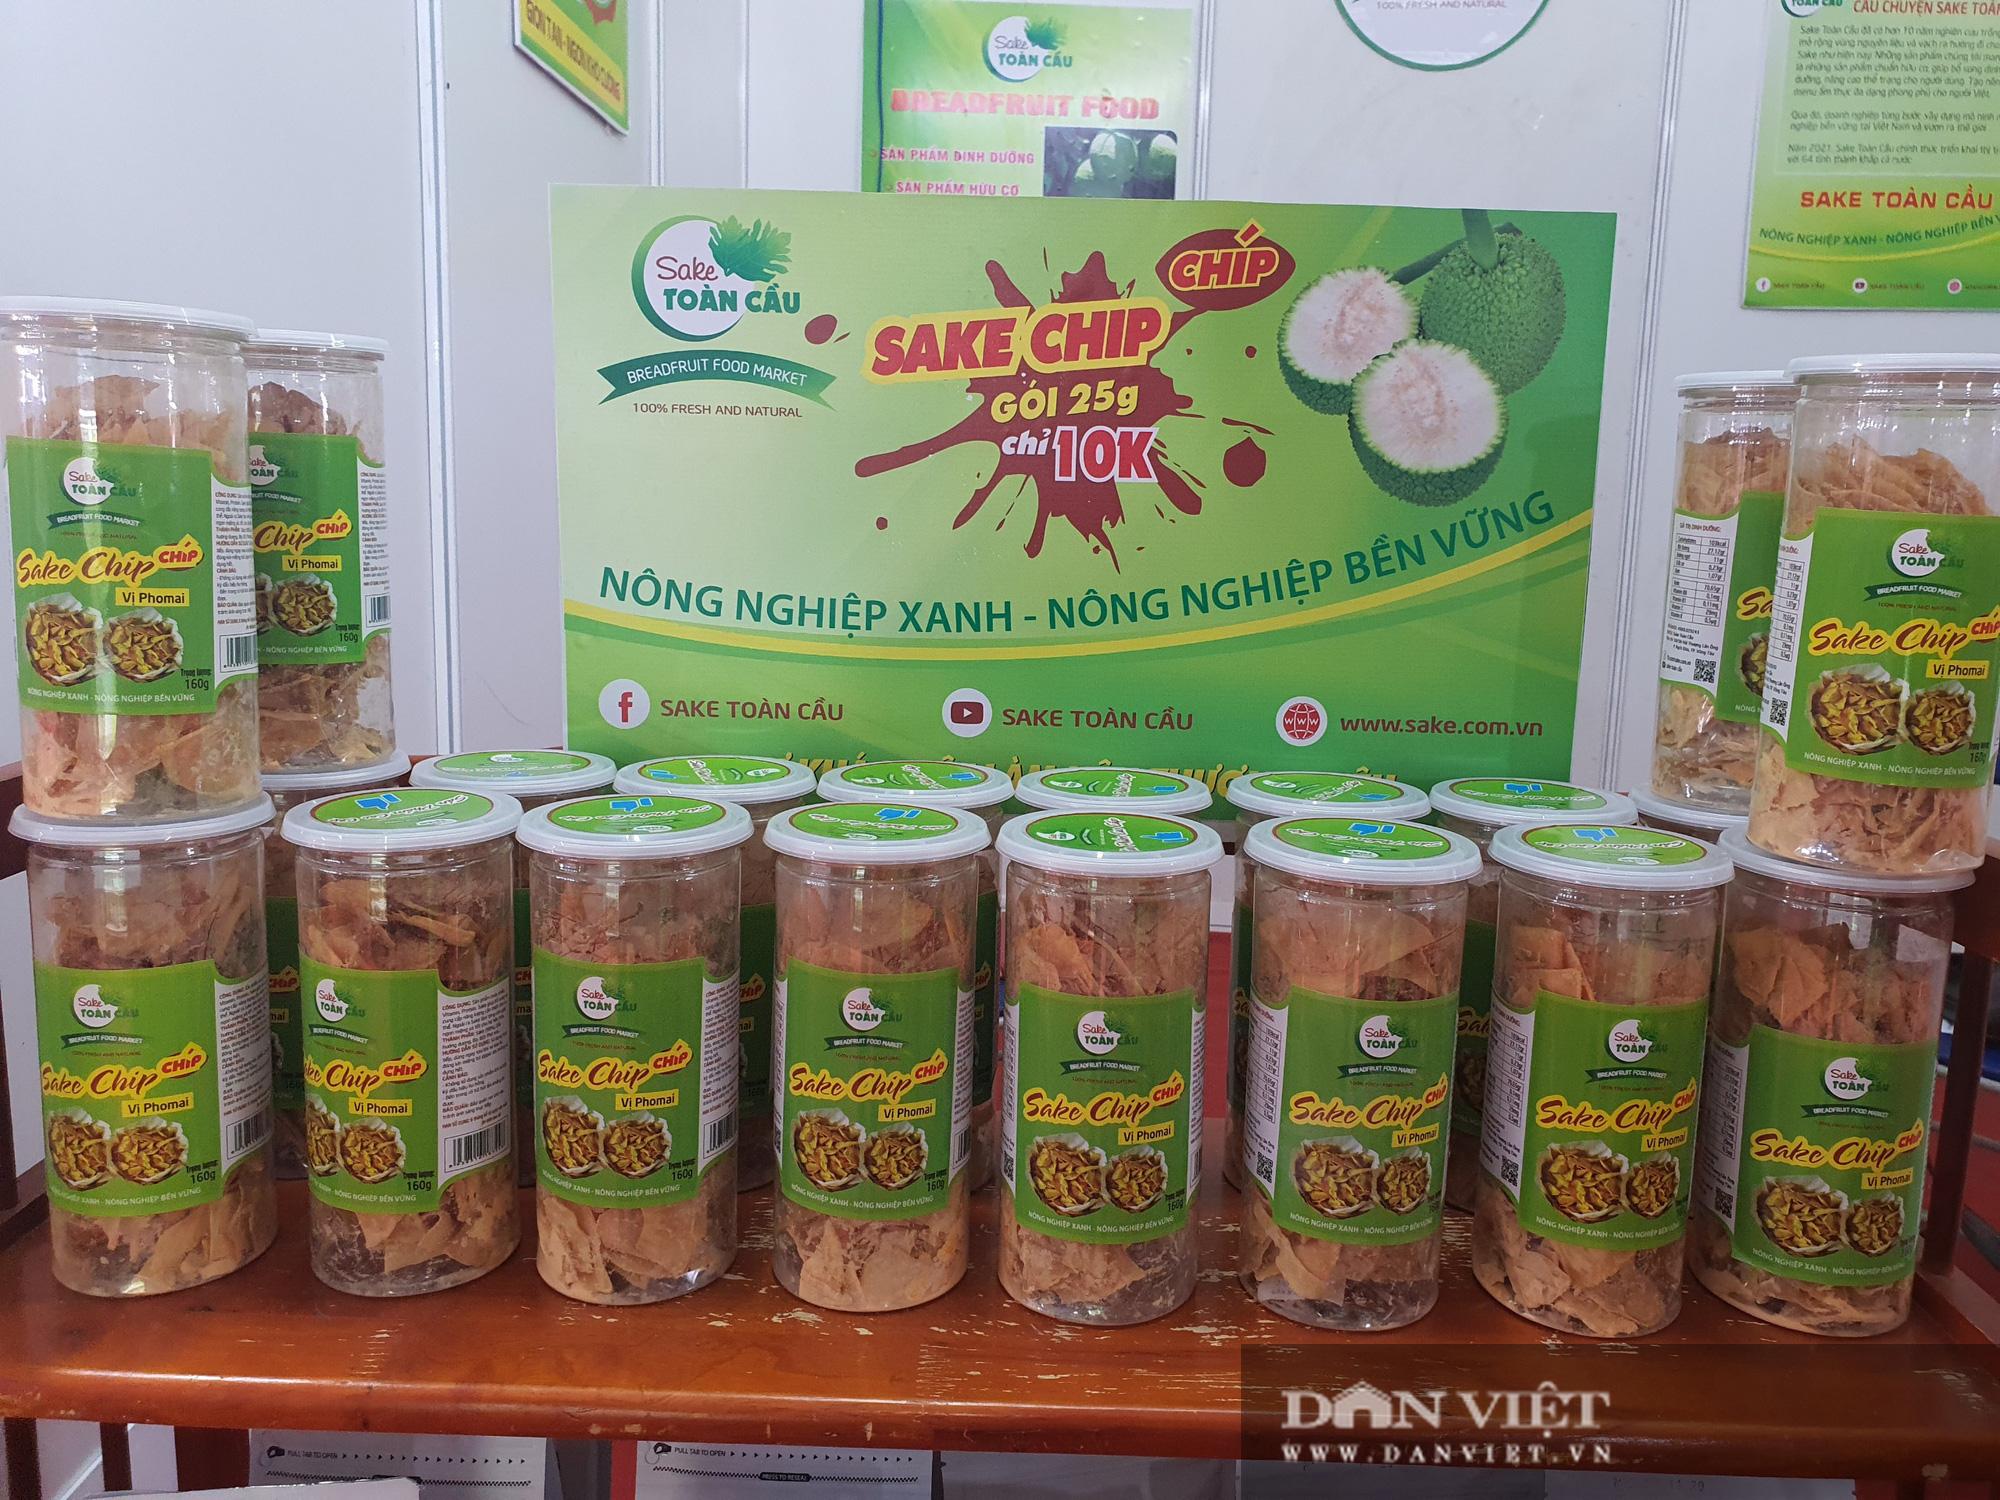 Cần Thơ: Hàng loạt sản phẩm mới lạ xuất hiện tại Hội chợ nông nghiệp quốc tế Việt Nam, không xem sẽ rất tiếc nuối - Ảnh 8.